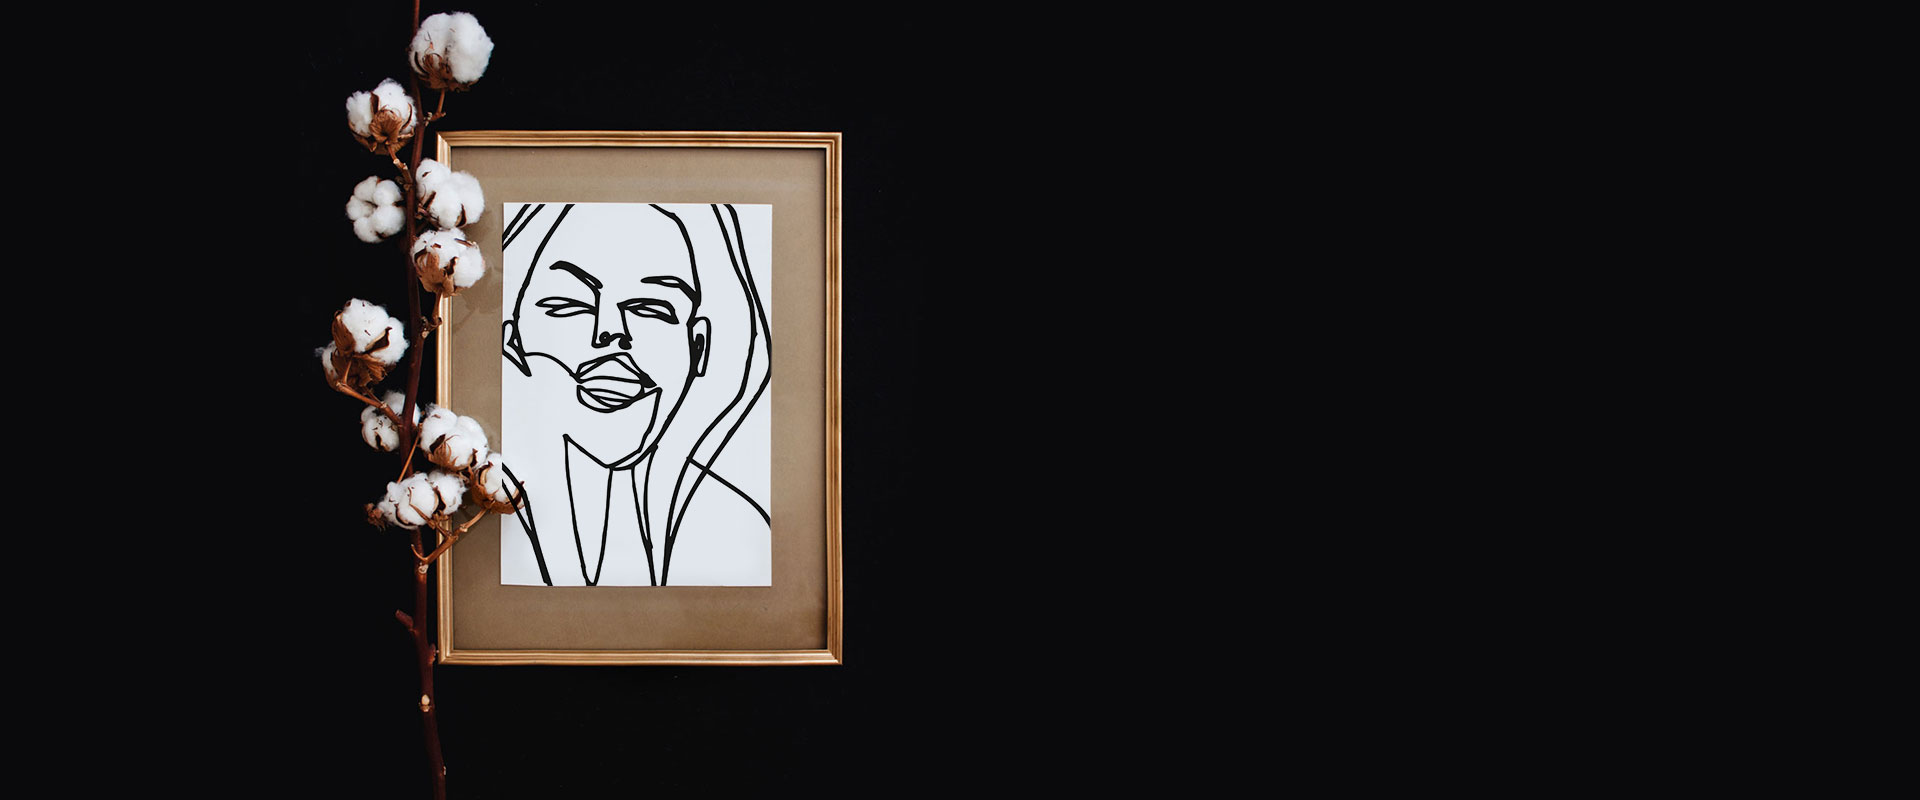 Schwarzer Hintergrund auf dem ein goldener Bilderrahmen mit einer Baumwollpflanze liegt. Im Bilderrahmen ist eine schwarz/weiße one line illustration einer lachenden Frau zu sehen.